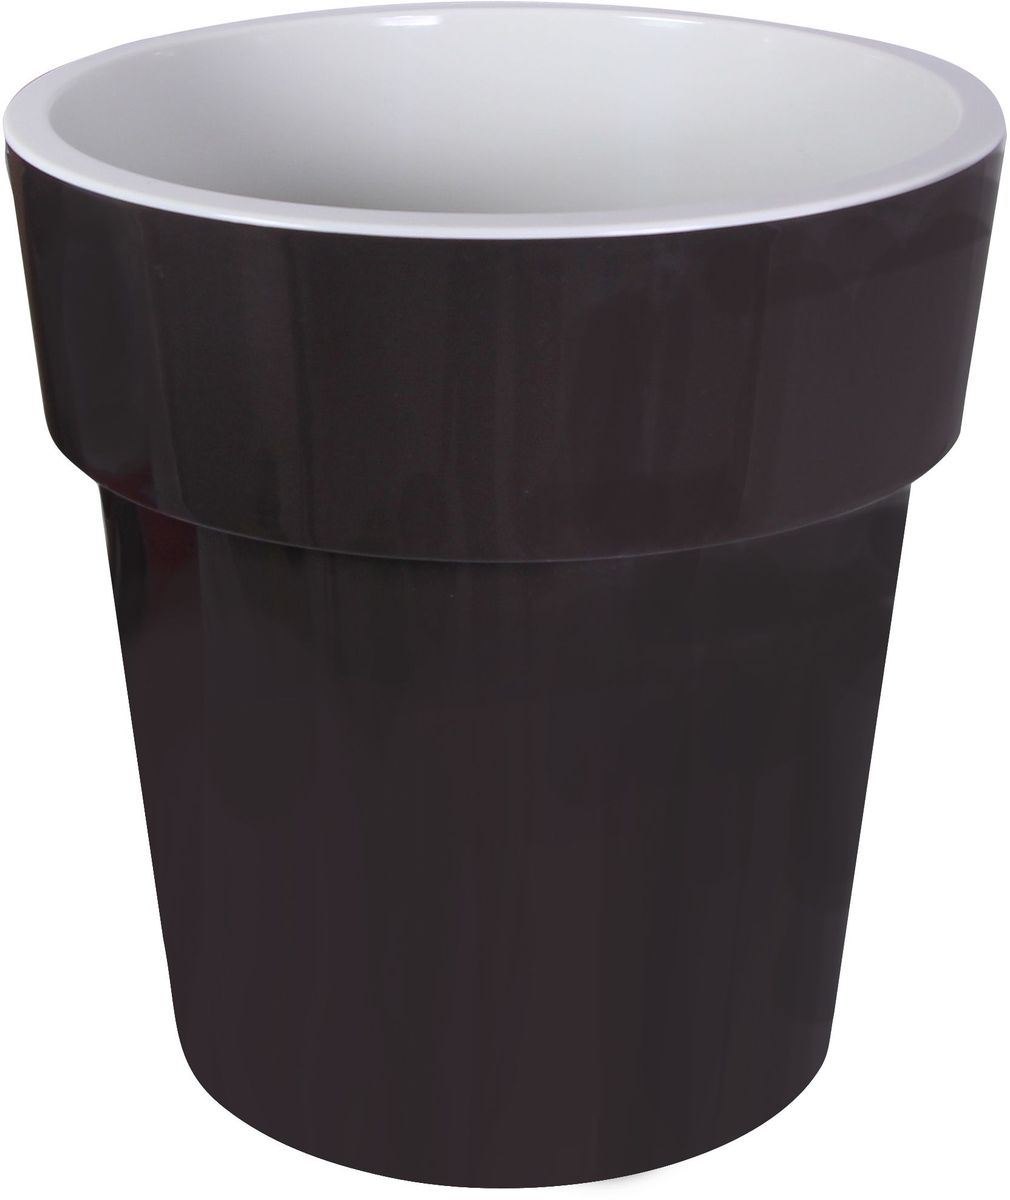 Кашпо Idea Тубус, цвет: коричневый, диаметр 25 смМ 3166Кашпо Idea Тубус изготовлено из прочного пластика. Изделие прекрасно подходит для выращивания растений и цветов в домашних условиях. Стильный современный дизайн органично впишется в интерьер помещения.Диаметр кашпо: 25 см. Высота кашпо: 25 см.